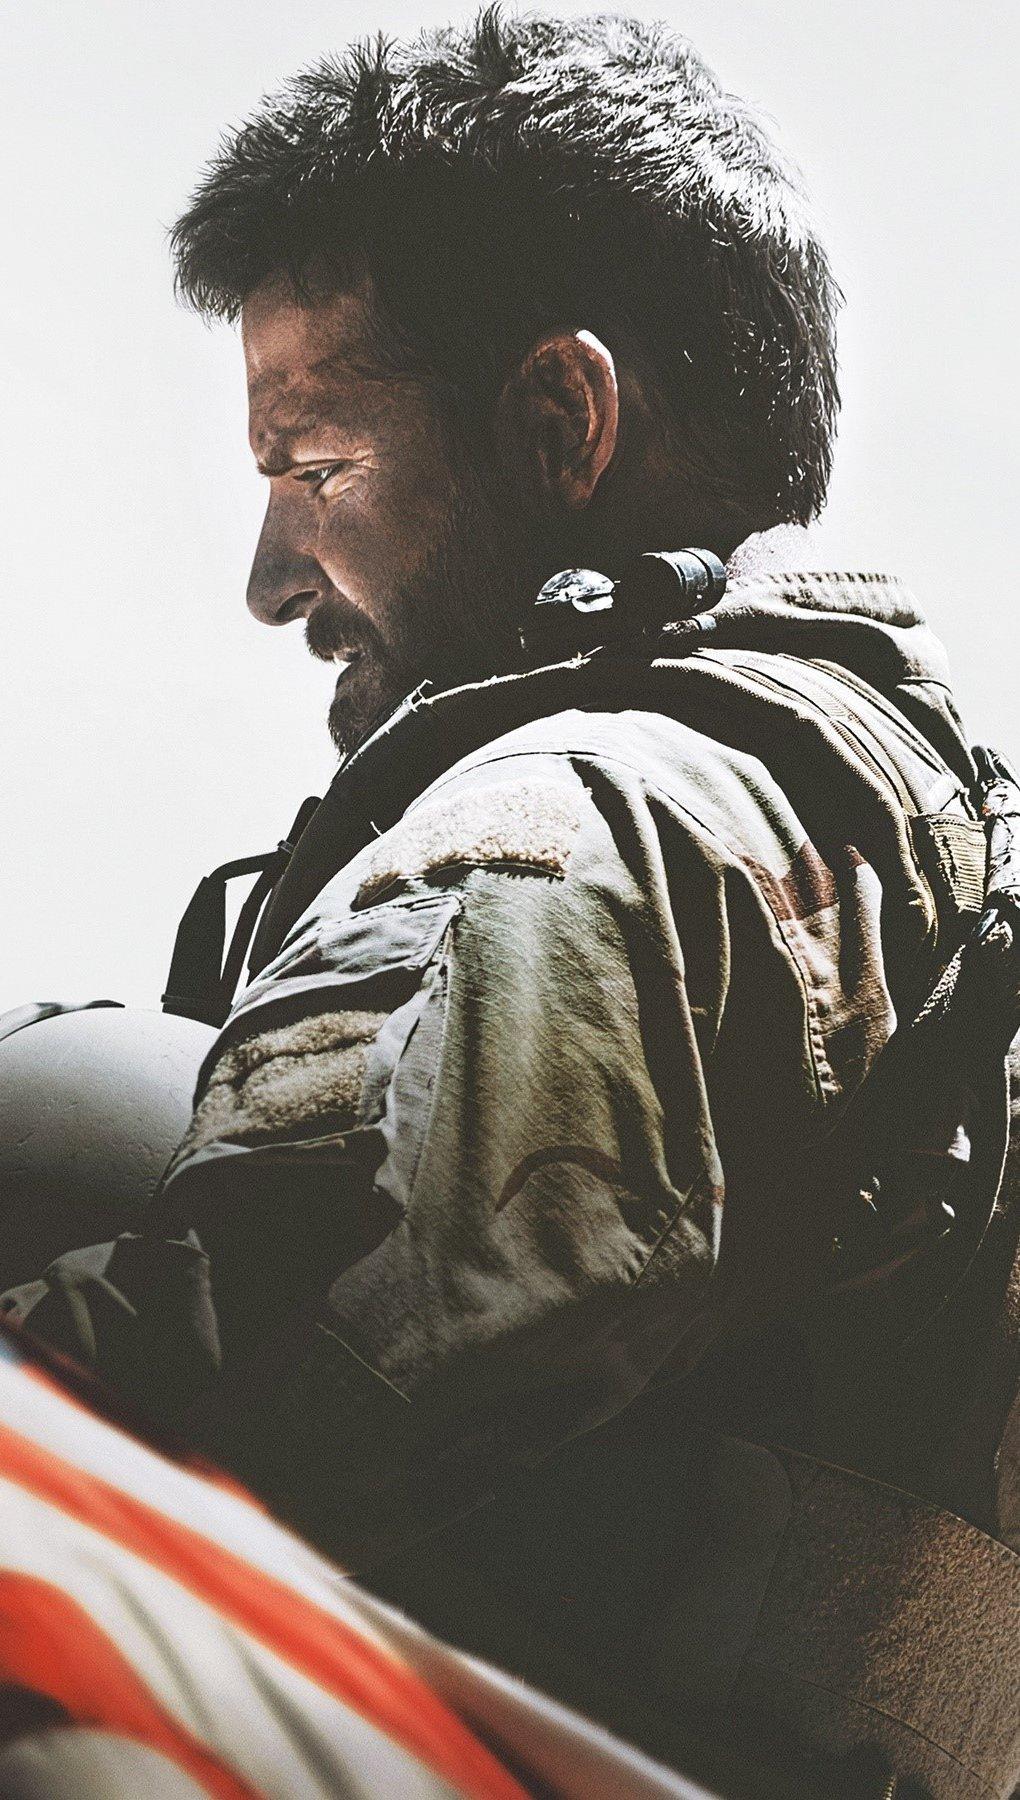 Wallpaper American Sniper Vertical